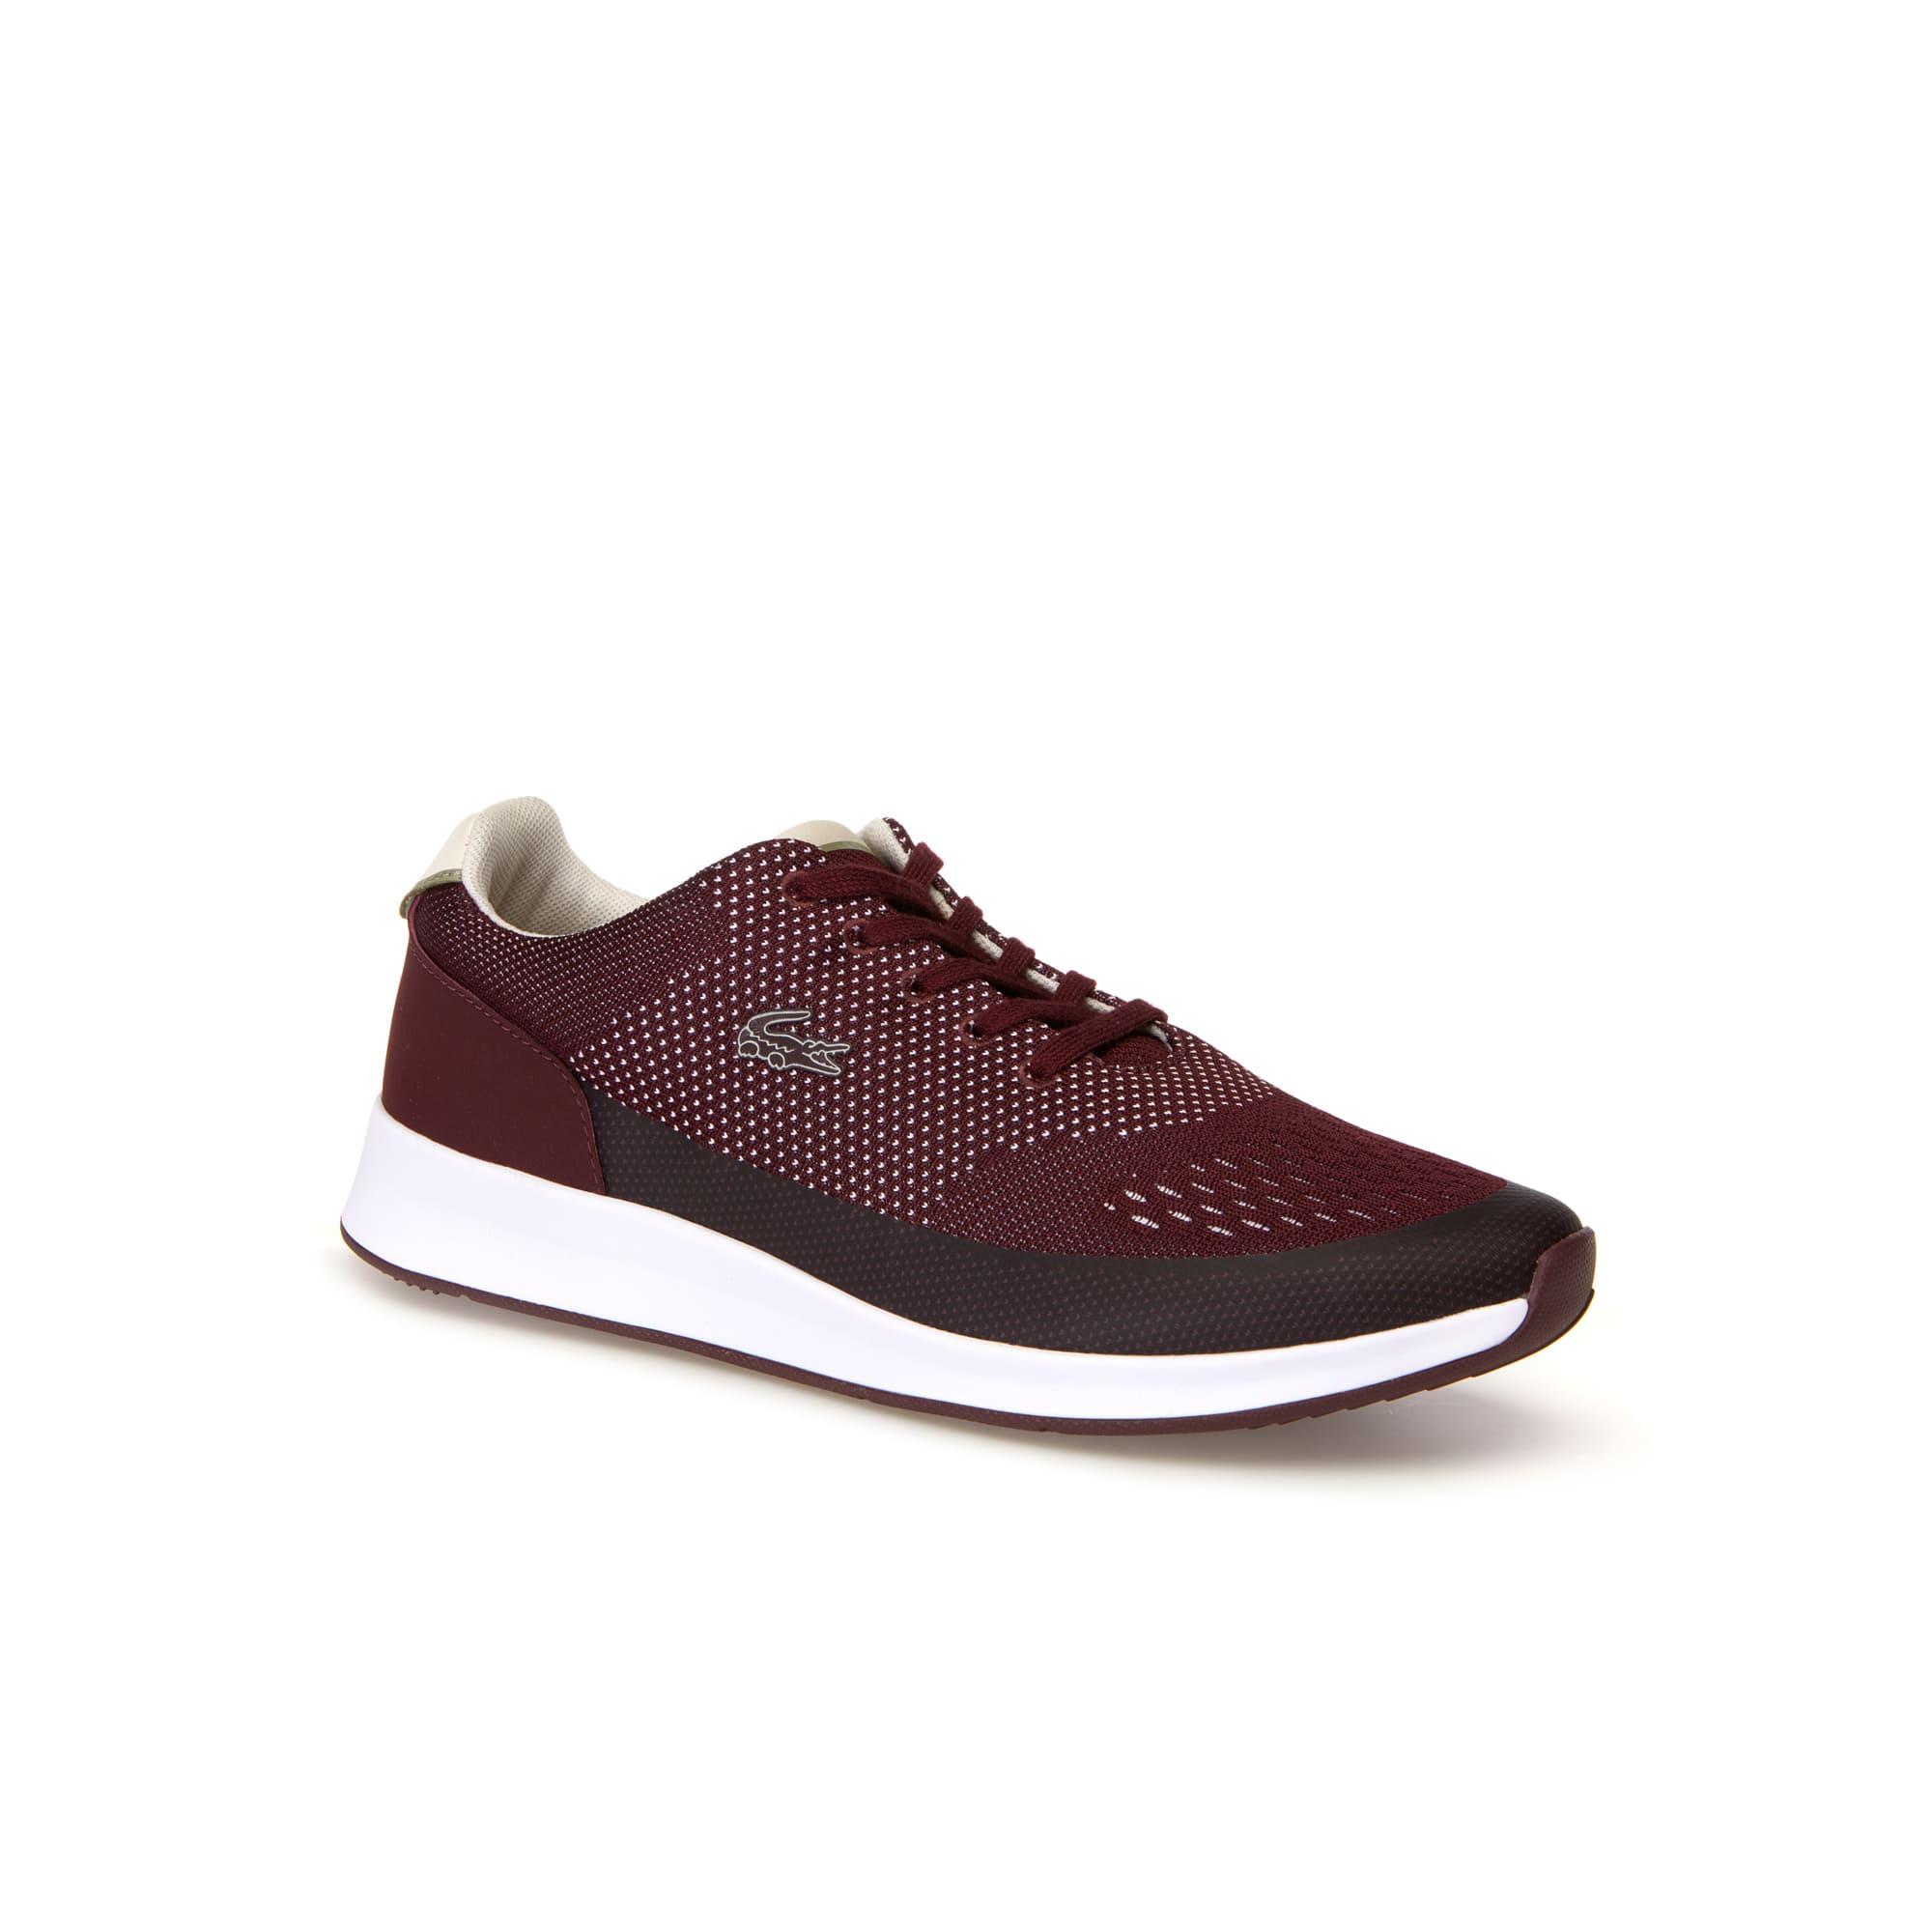 Sneakers Chaumont femme en jacquard